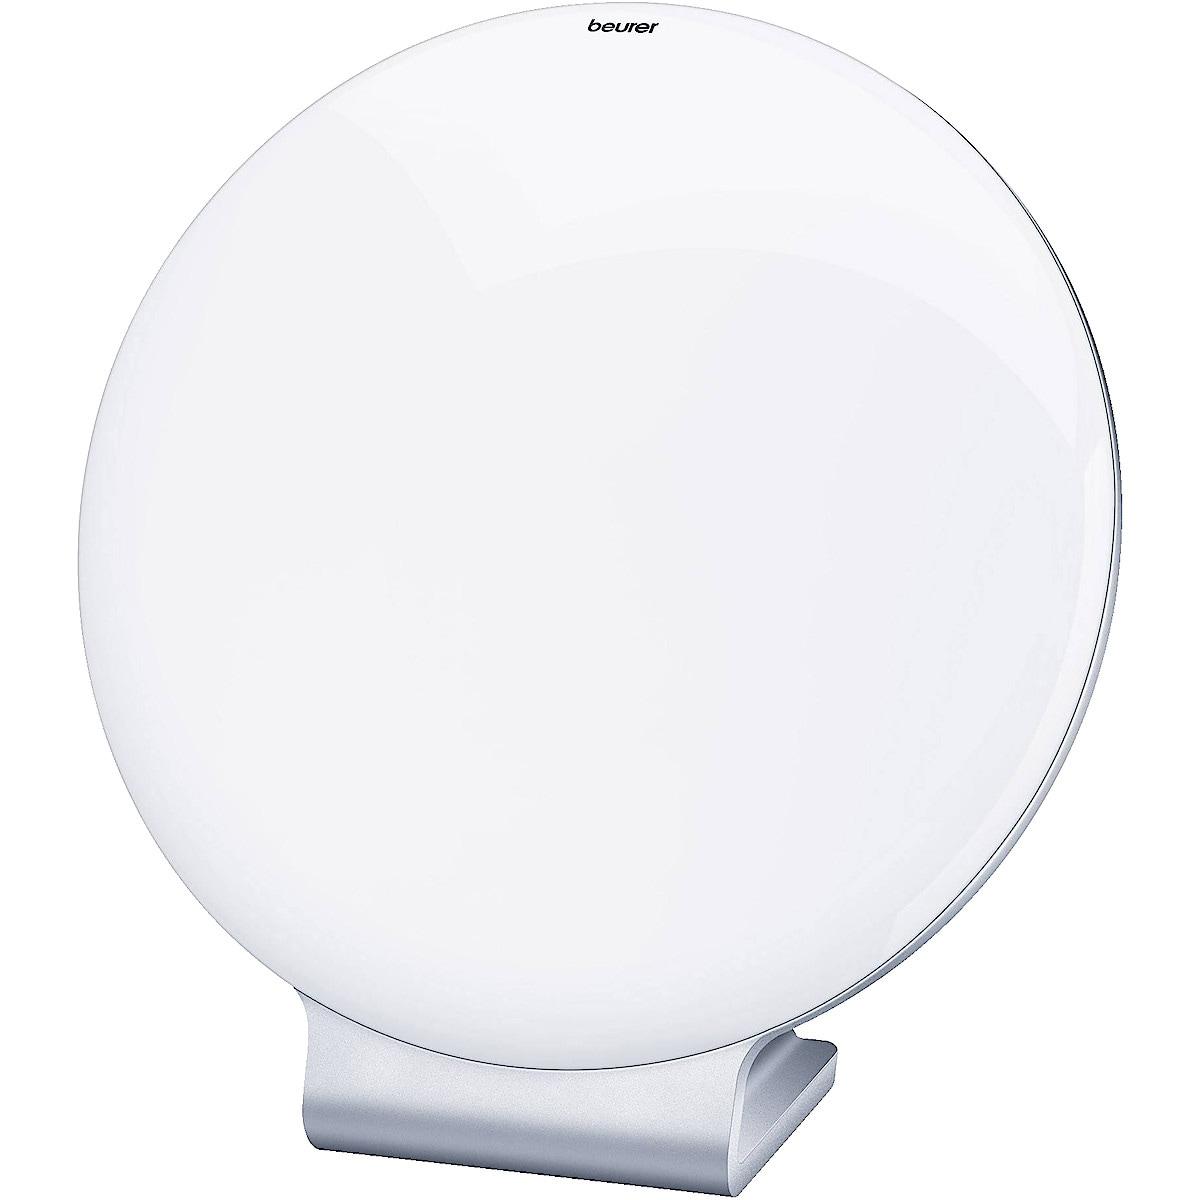 Kirkasvalolamppu Beurer TL50 LED